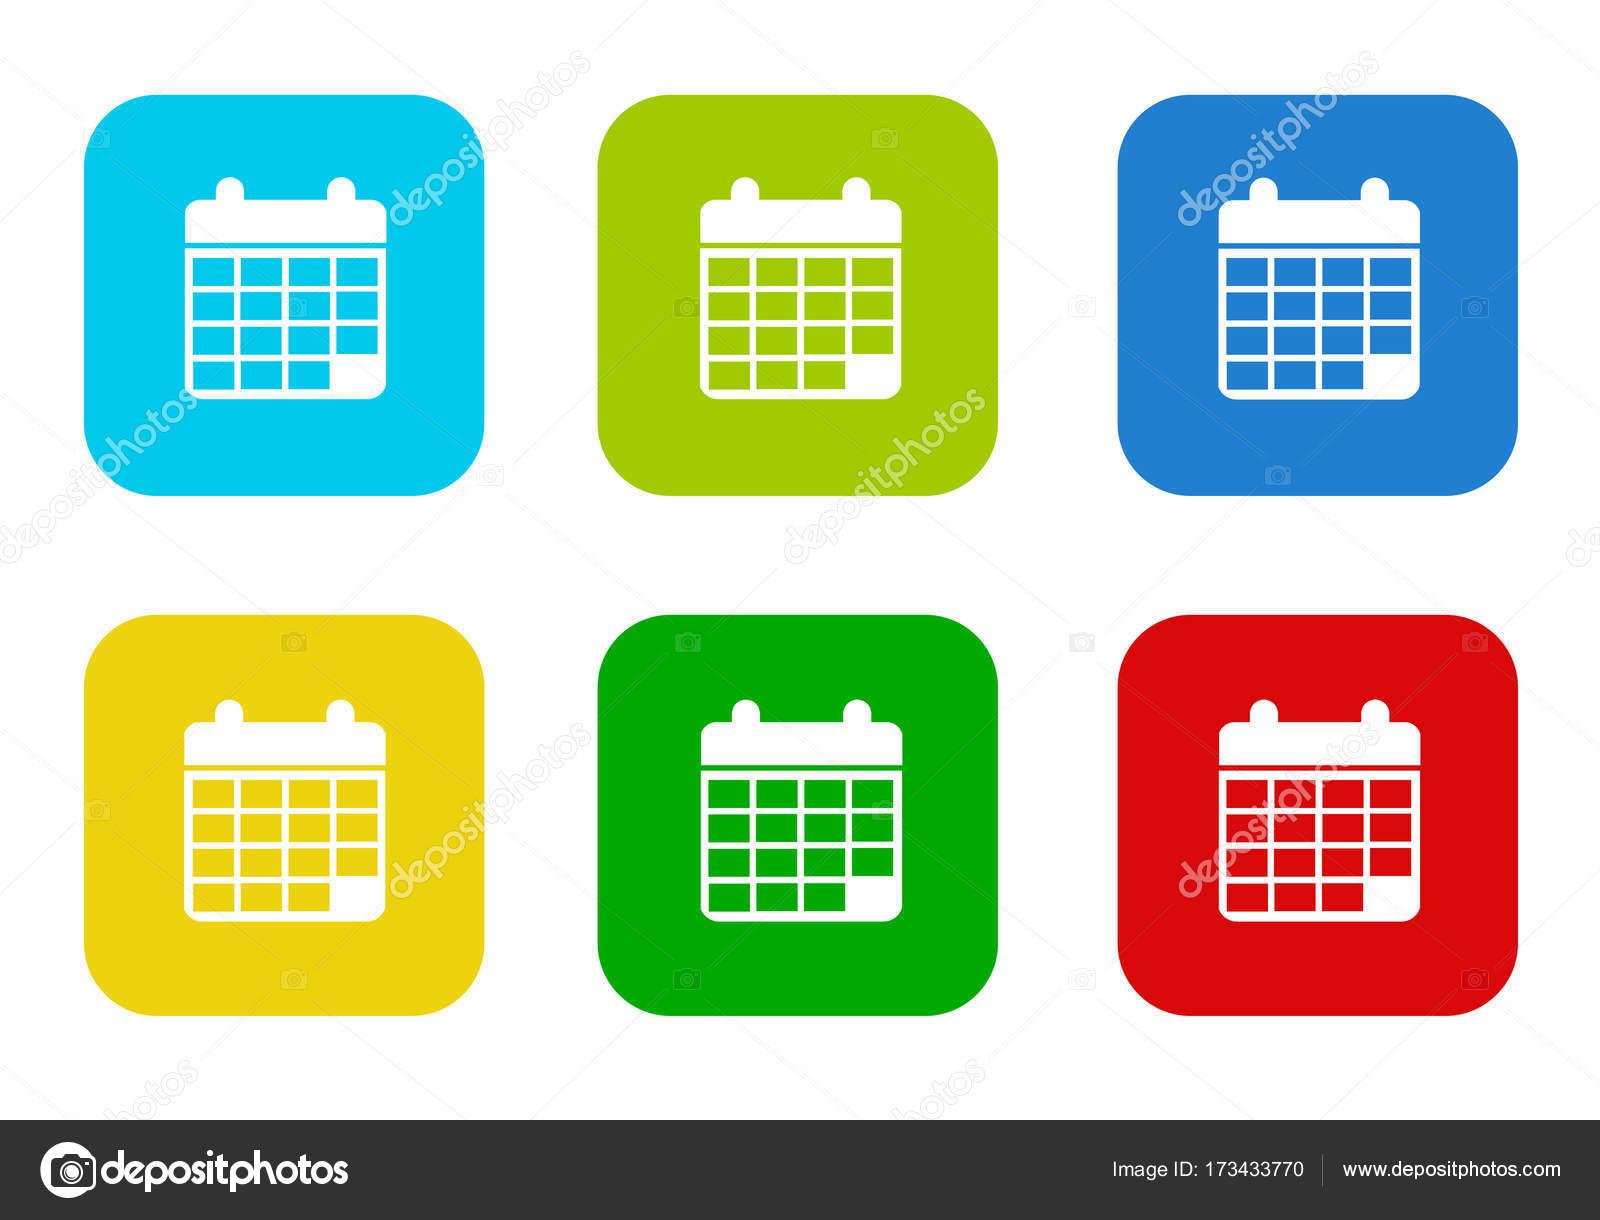 Simbolo De Calendario.Insieme Delle Icone Piane Quadrato Colorate Arrotondati Con